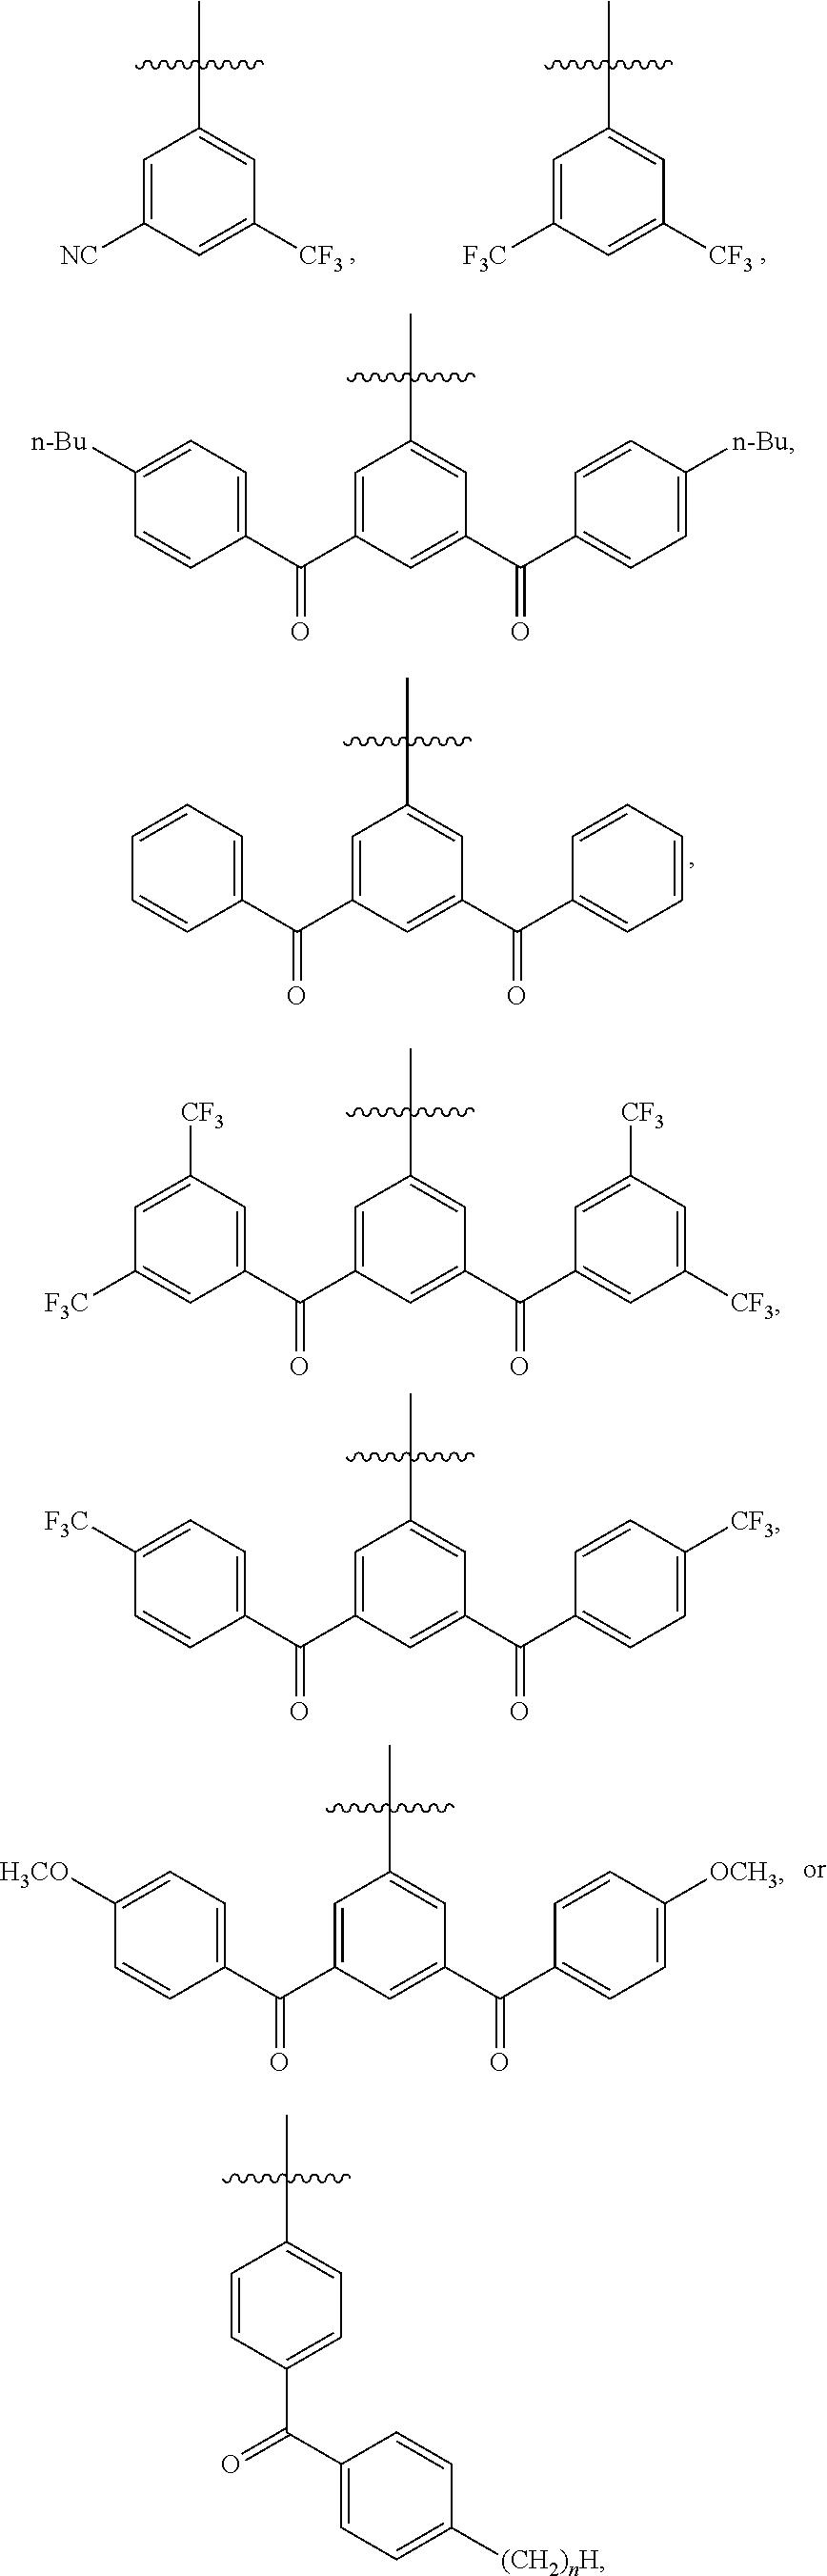 Figure US09595682-20170314-C00023